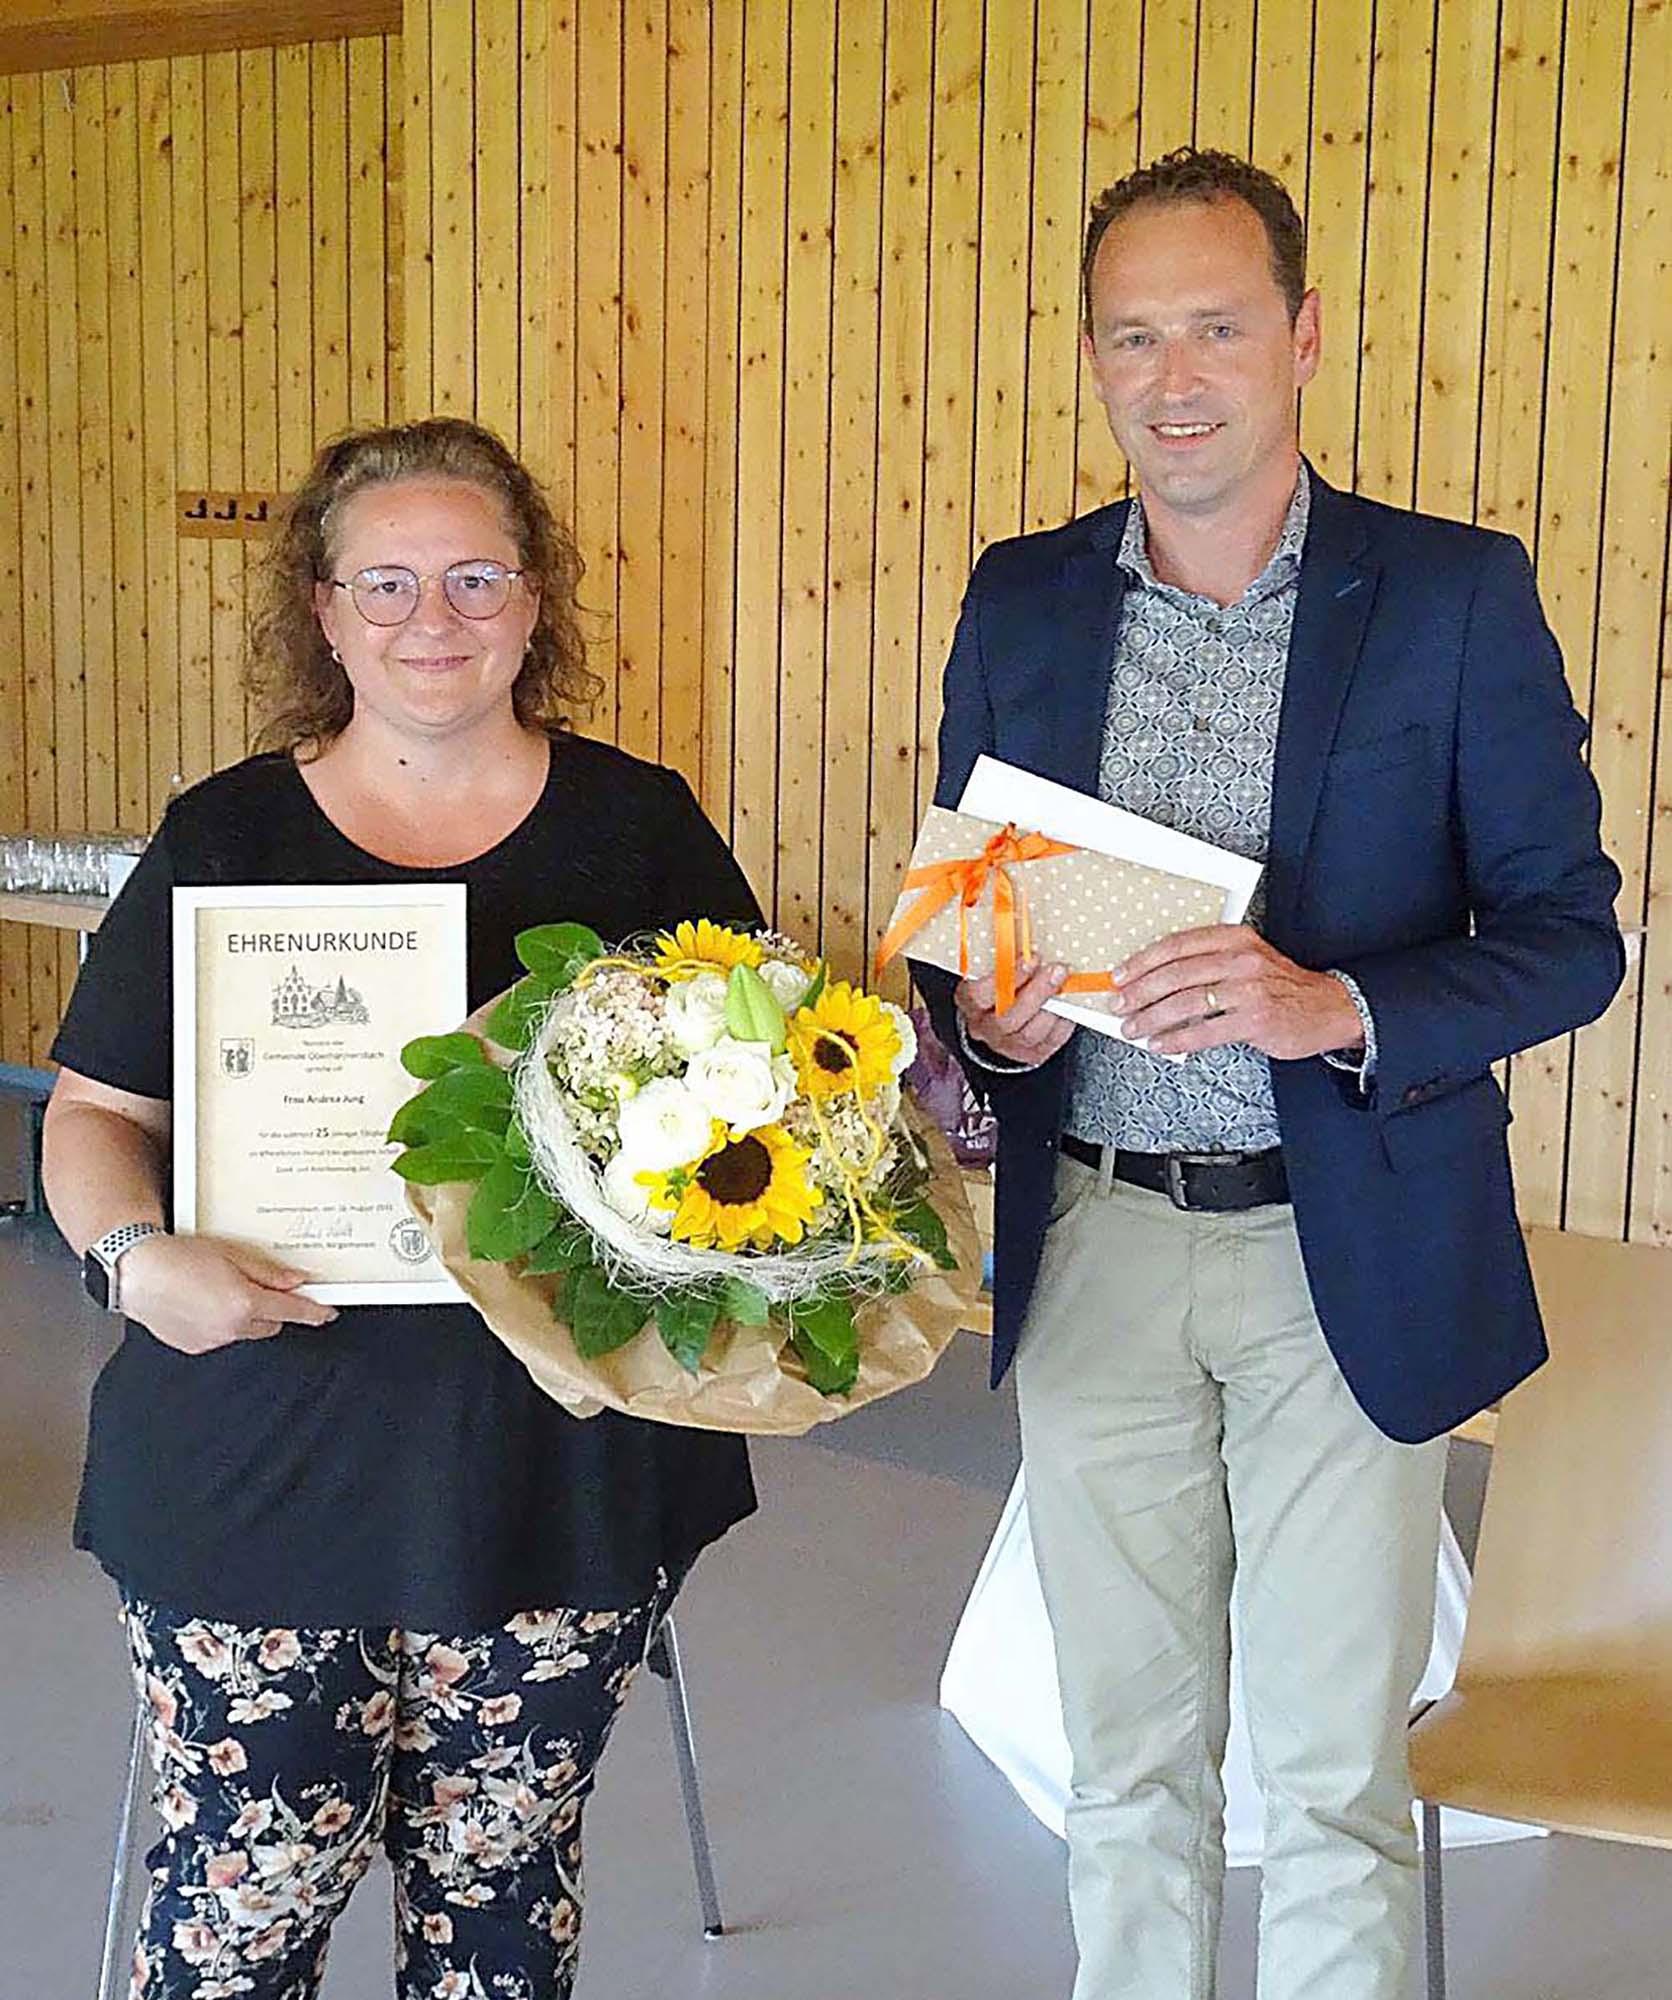 2021-9-15-OH-Gemeinde-PM_Dienstjubiläum_AJung_14_09_2021.docx